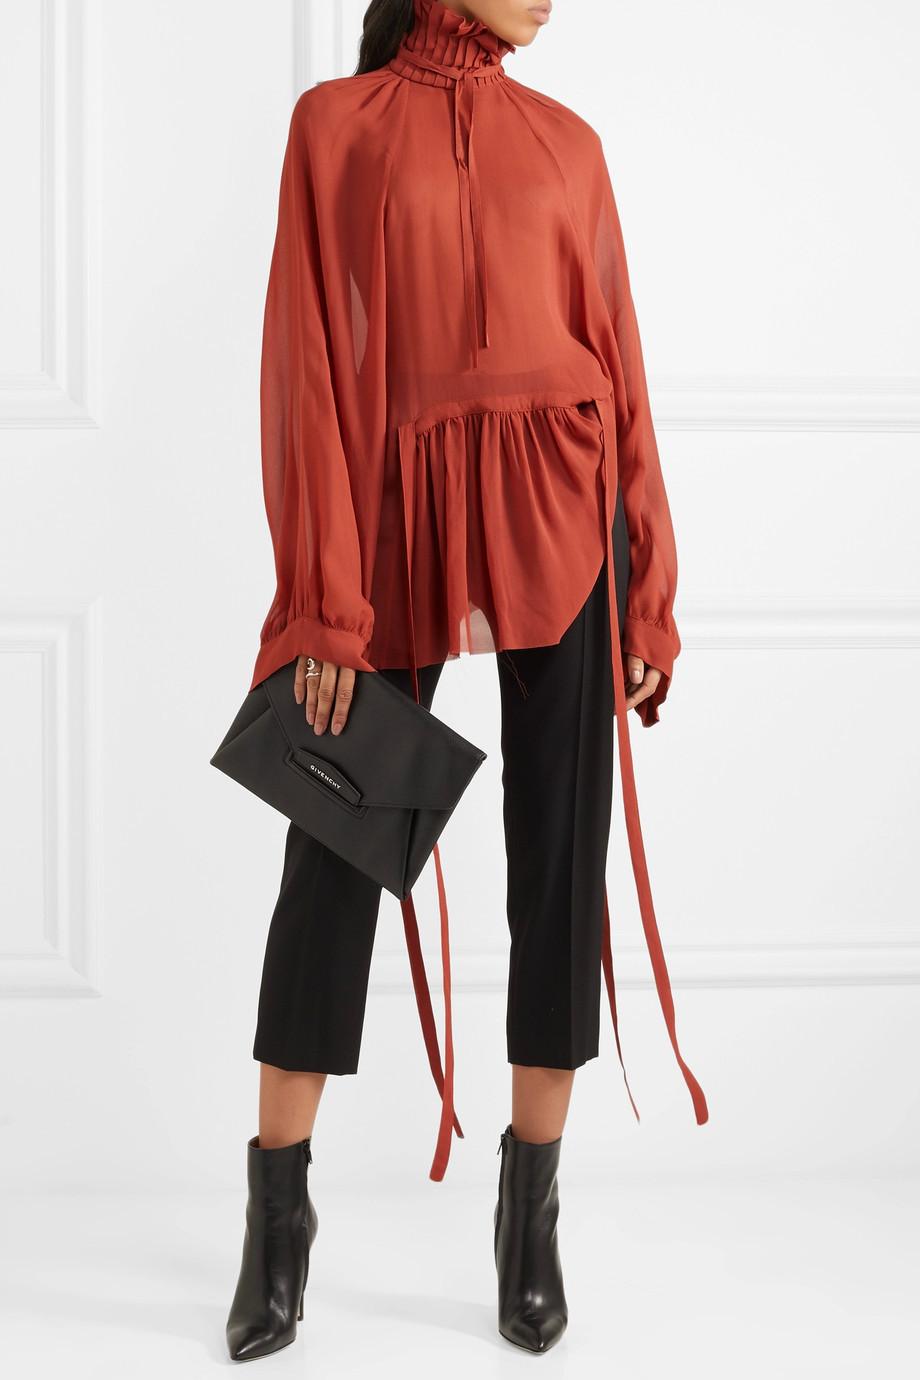 Ann Demeulemeester Ruffled chiffon blouse $1,030